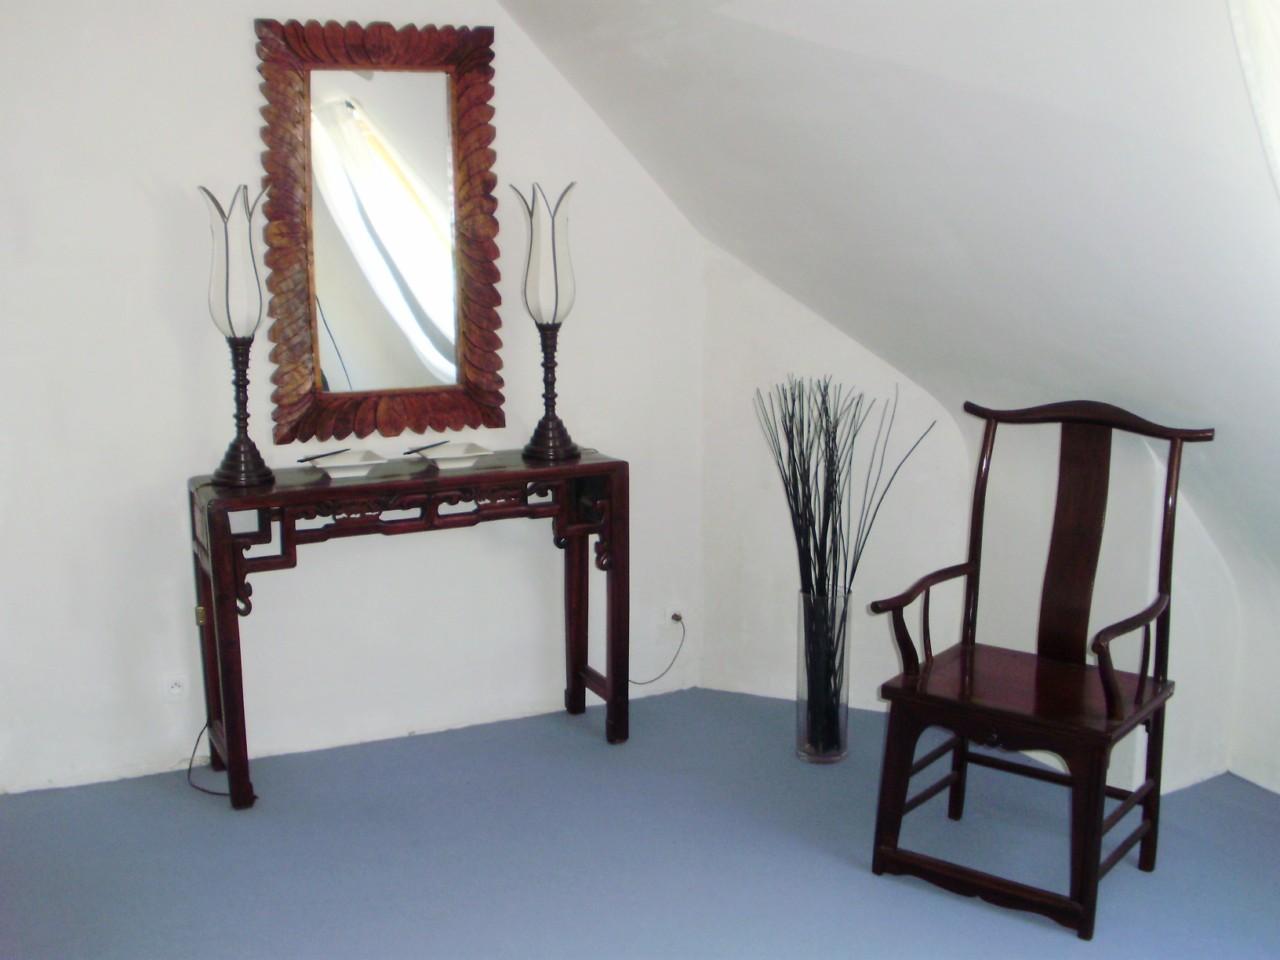 Rue de siam chez vous - Chez Claude à Plougastel-Daoulas (29) - Console chinoise ancienne